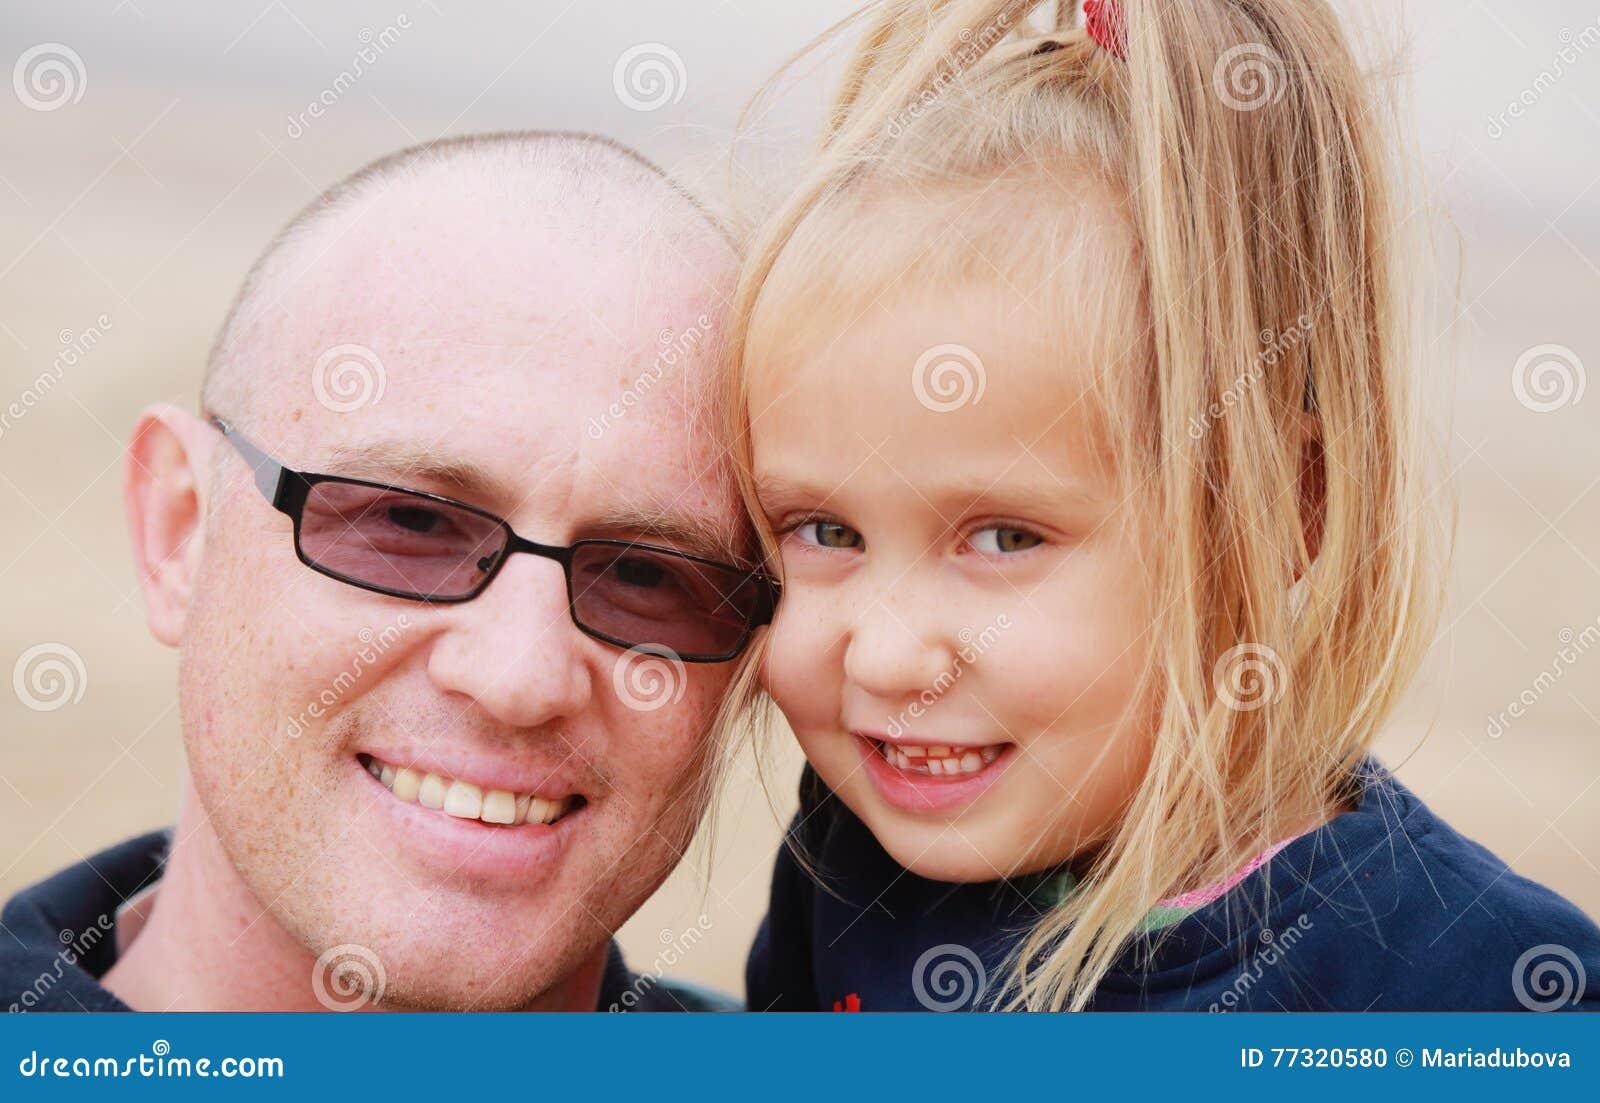 Портрет отца и дочи